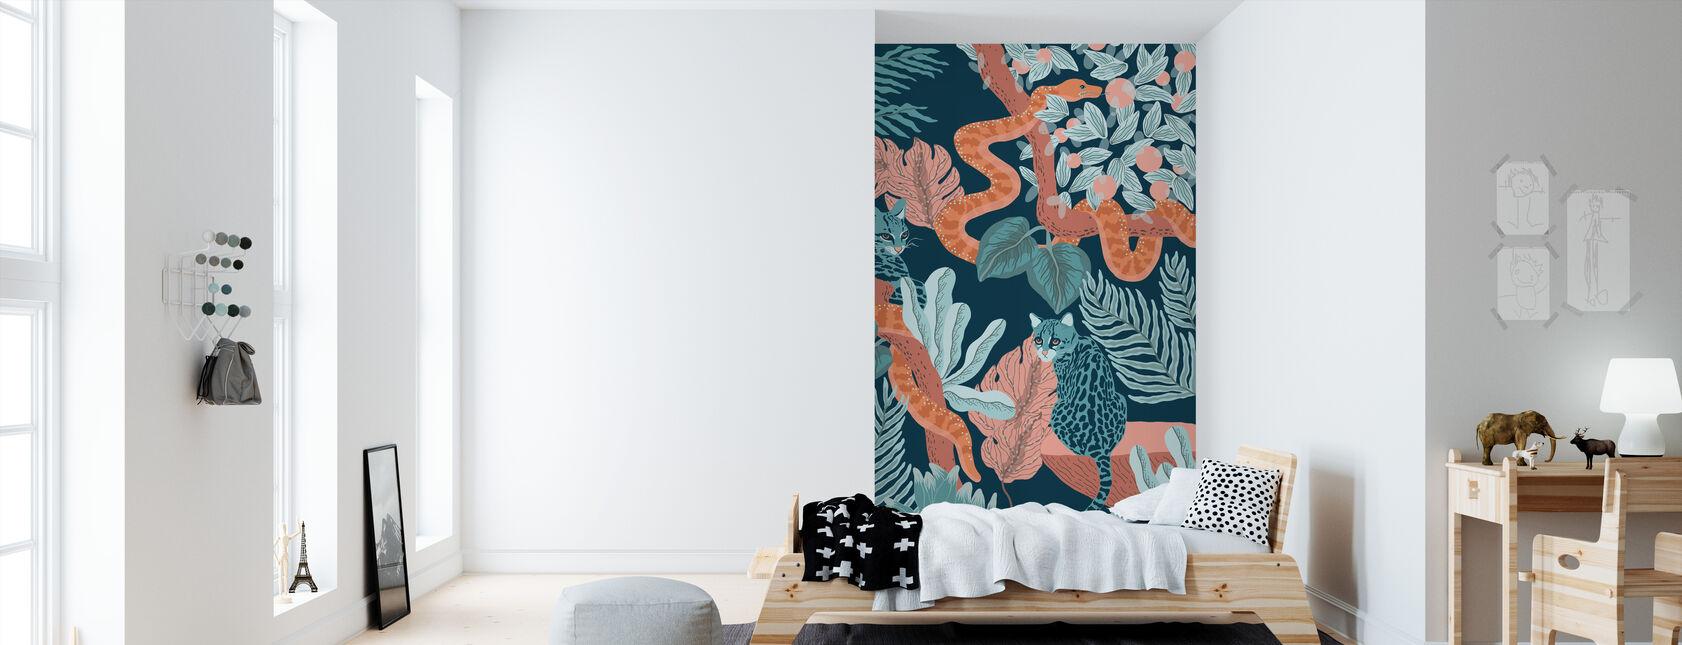 Jungle Cats - Wallpaper - Kids Room